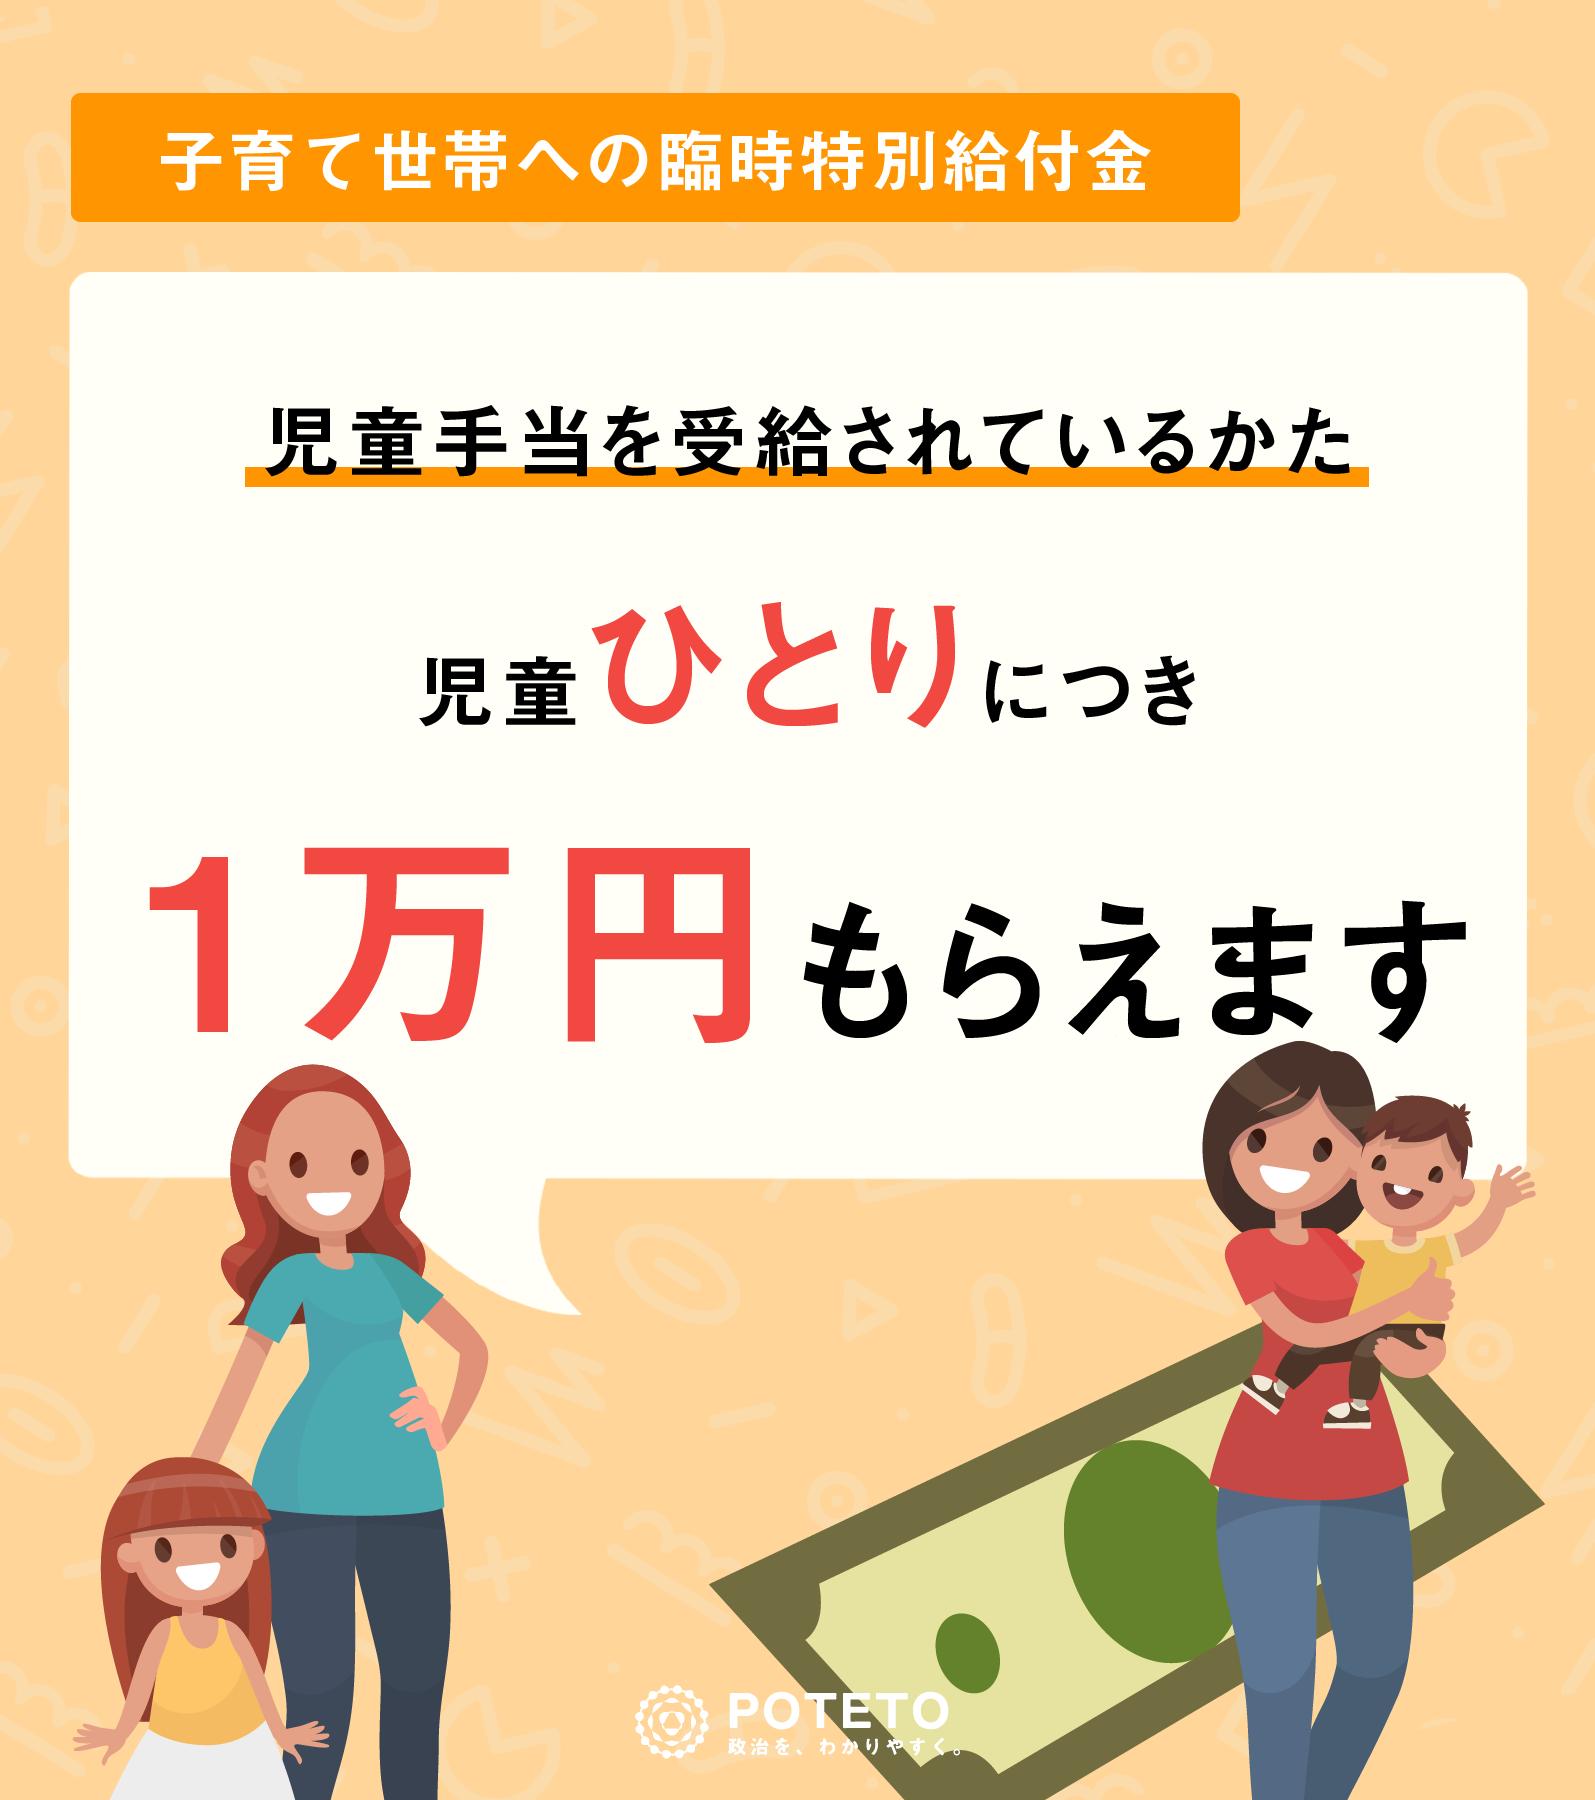 5c91120a077827838a359069891c1373 - 【子育て世帯向け】子ども1人につき、1万円もらえます。